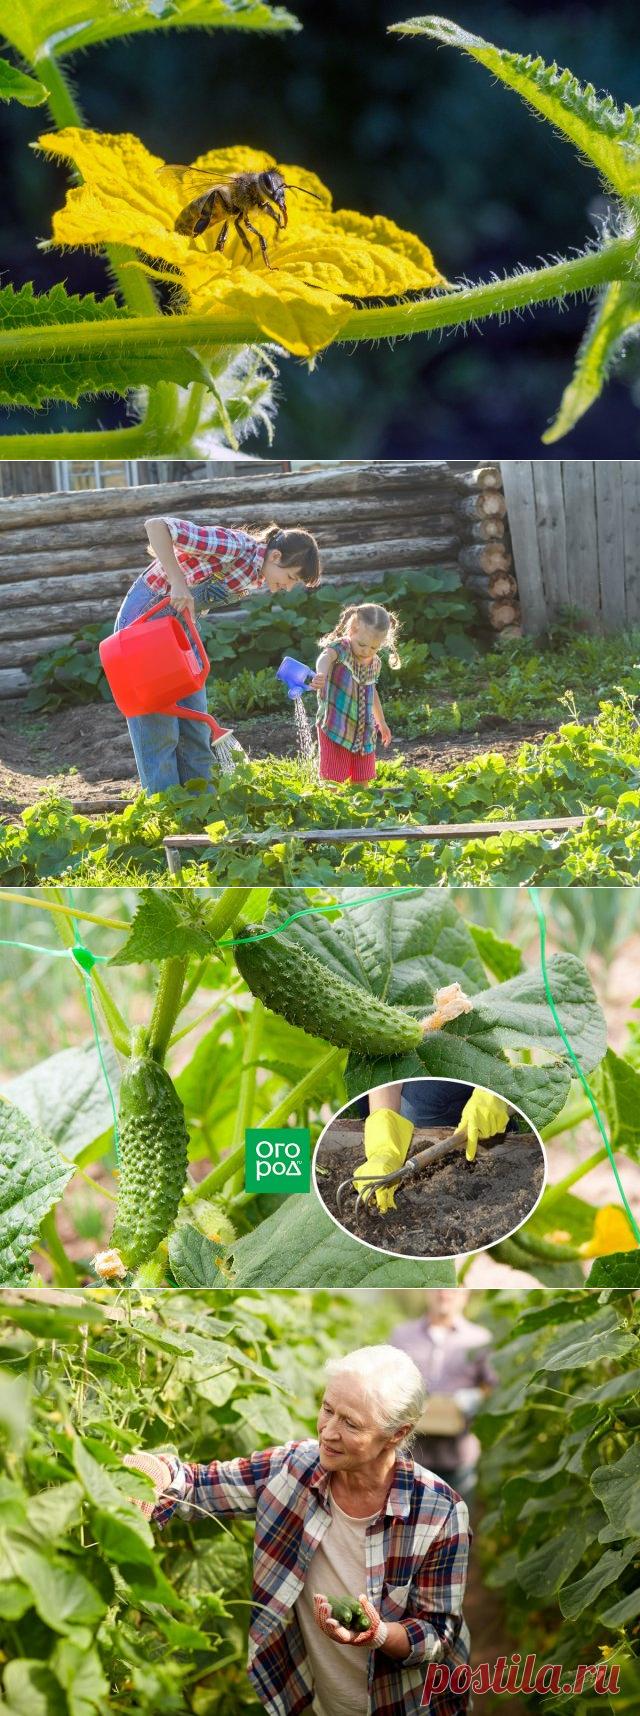 Технологии открытка, смешные картинки про урожай огурцов